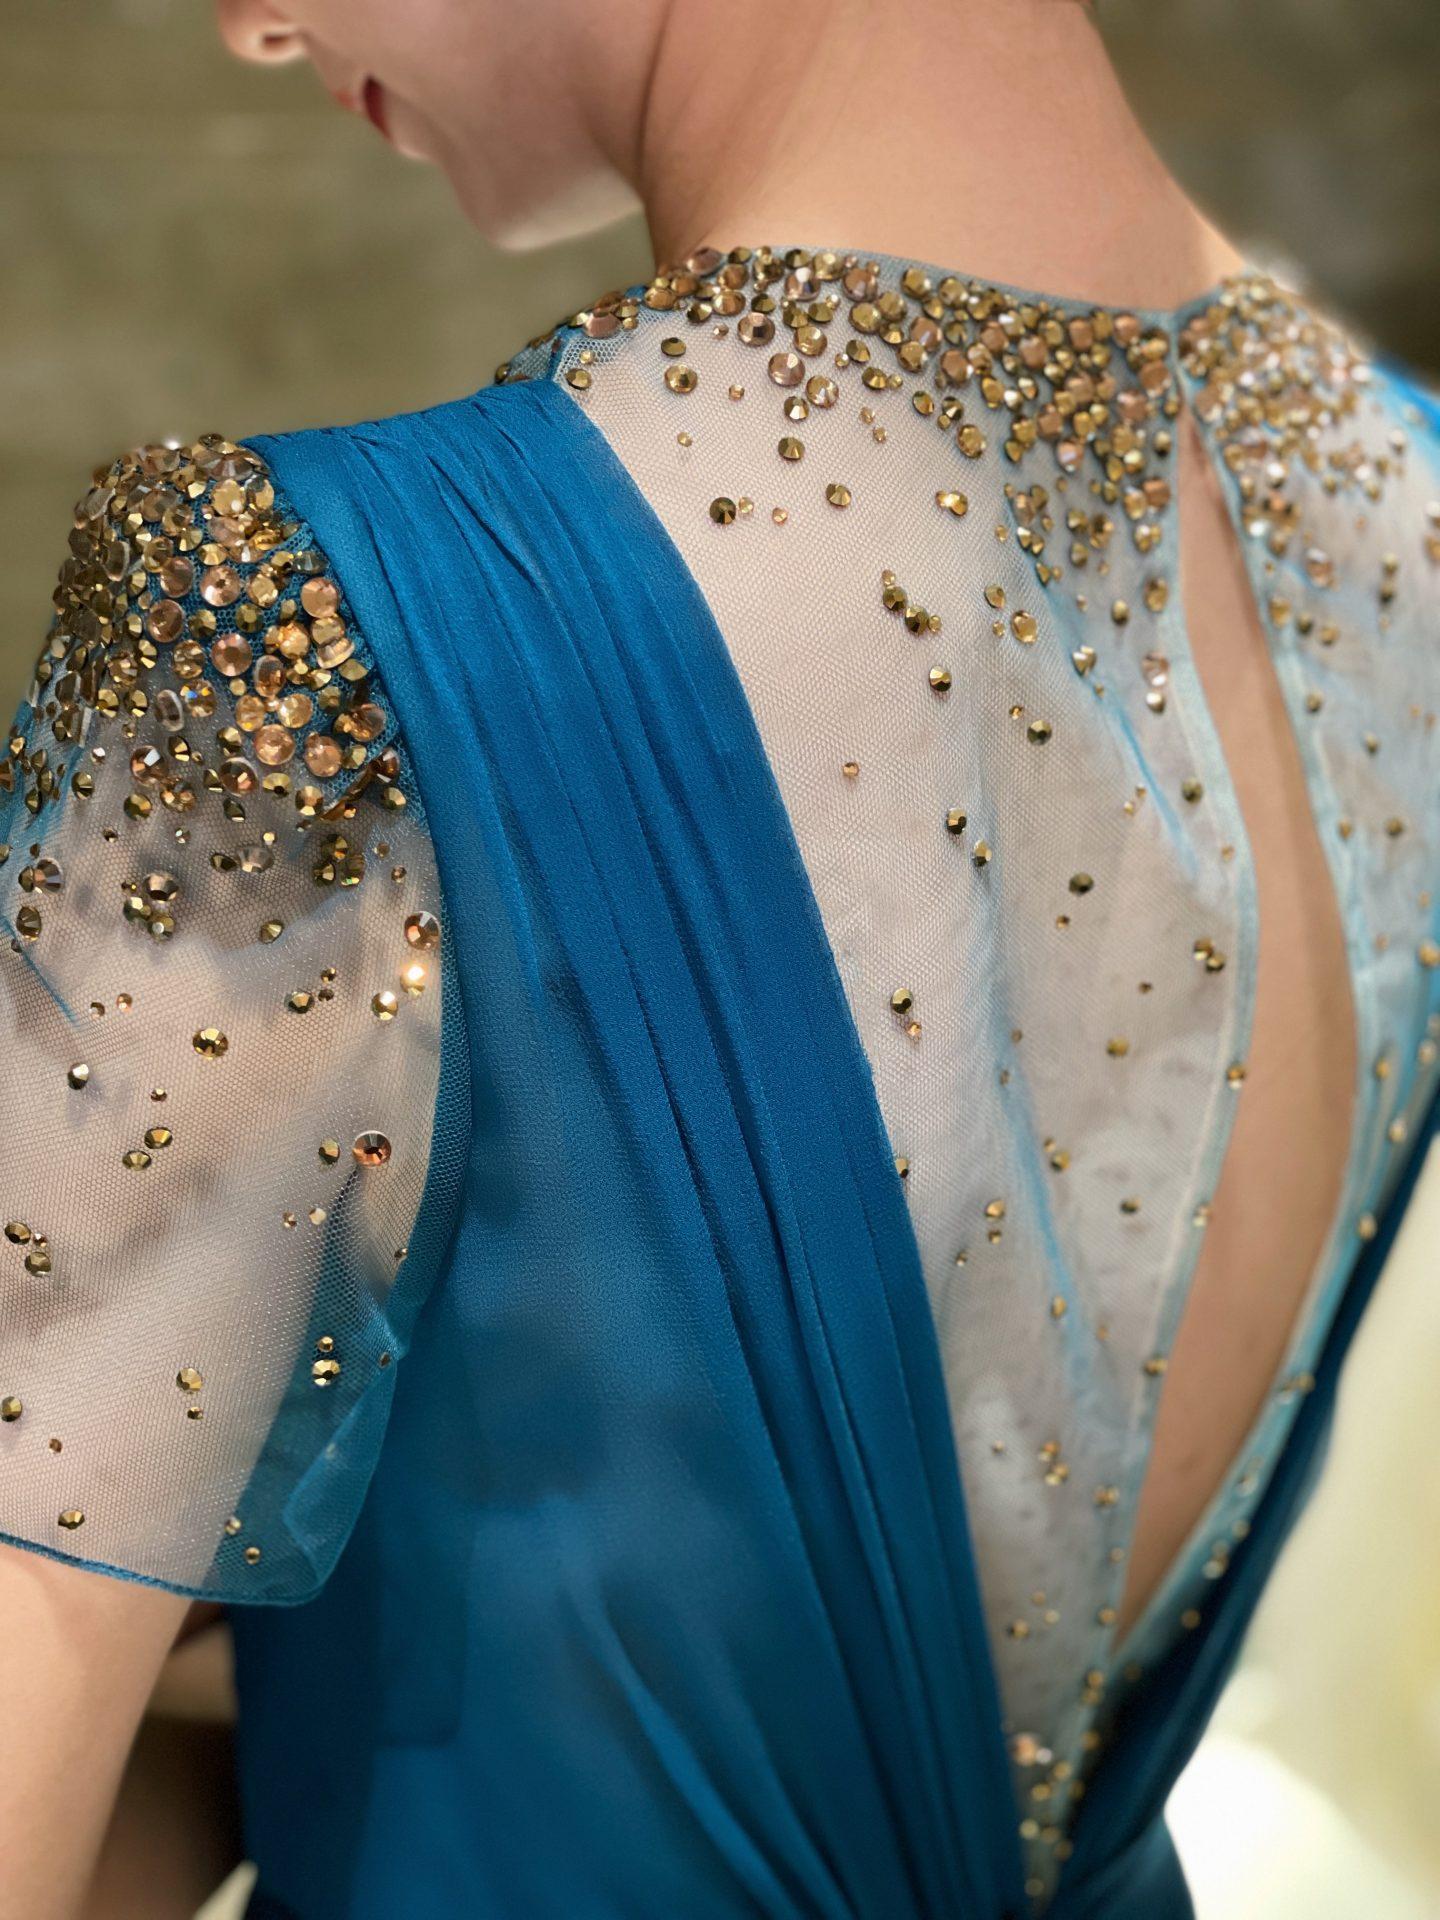 マリンブルーとオレンジのビジューが美しいJenny Packham(ジェニー・パッカム)の新作カラードレス